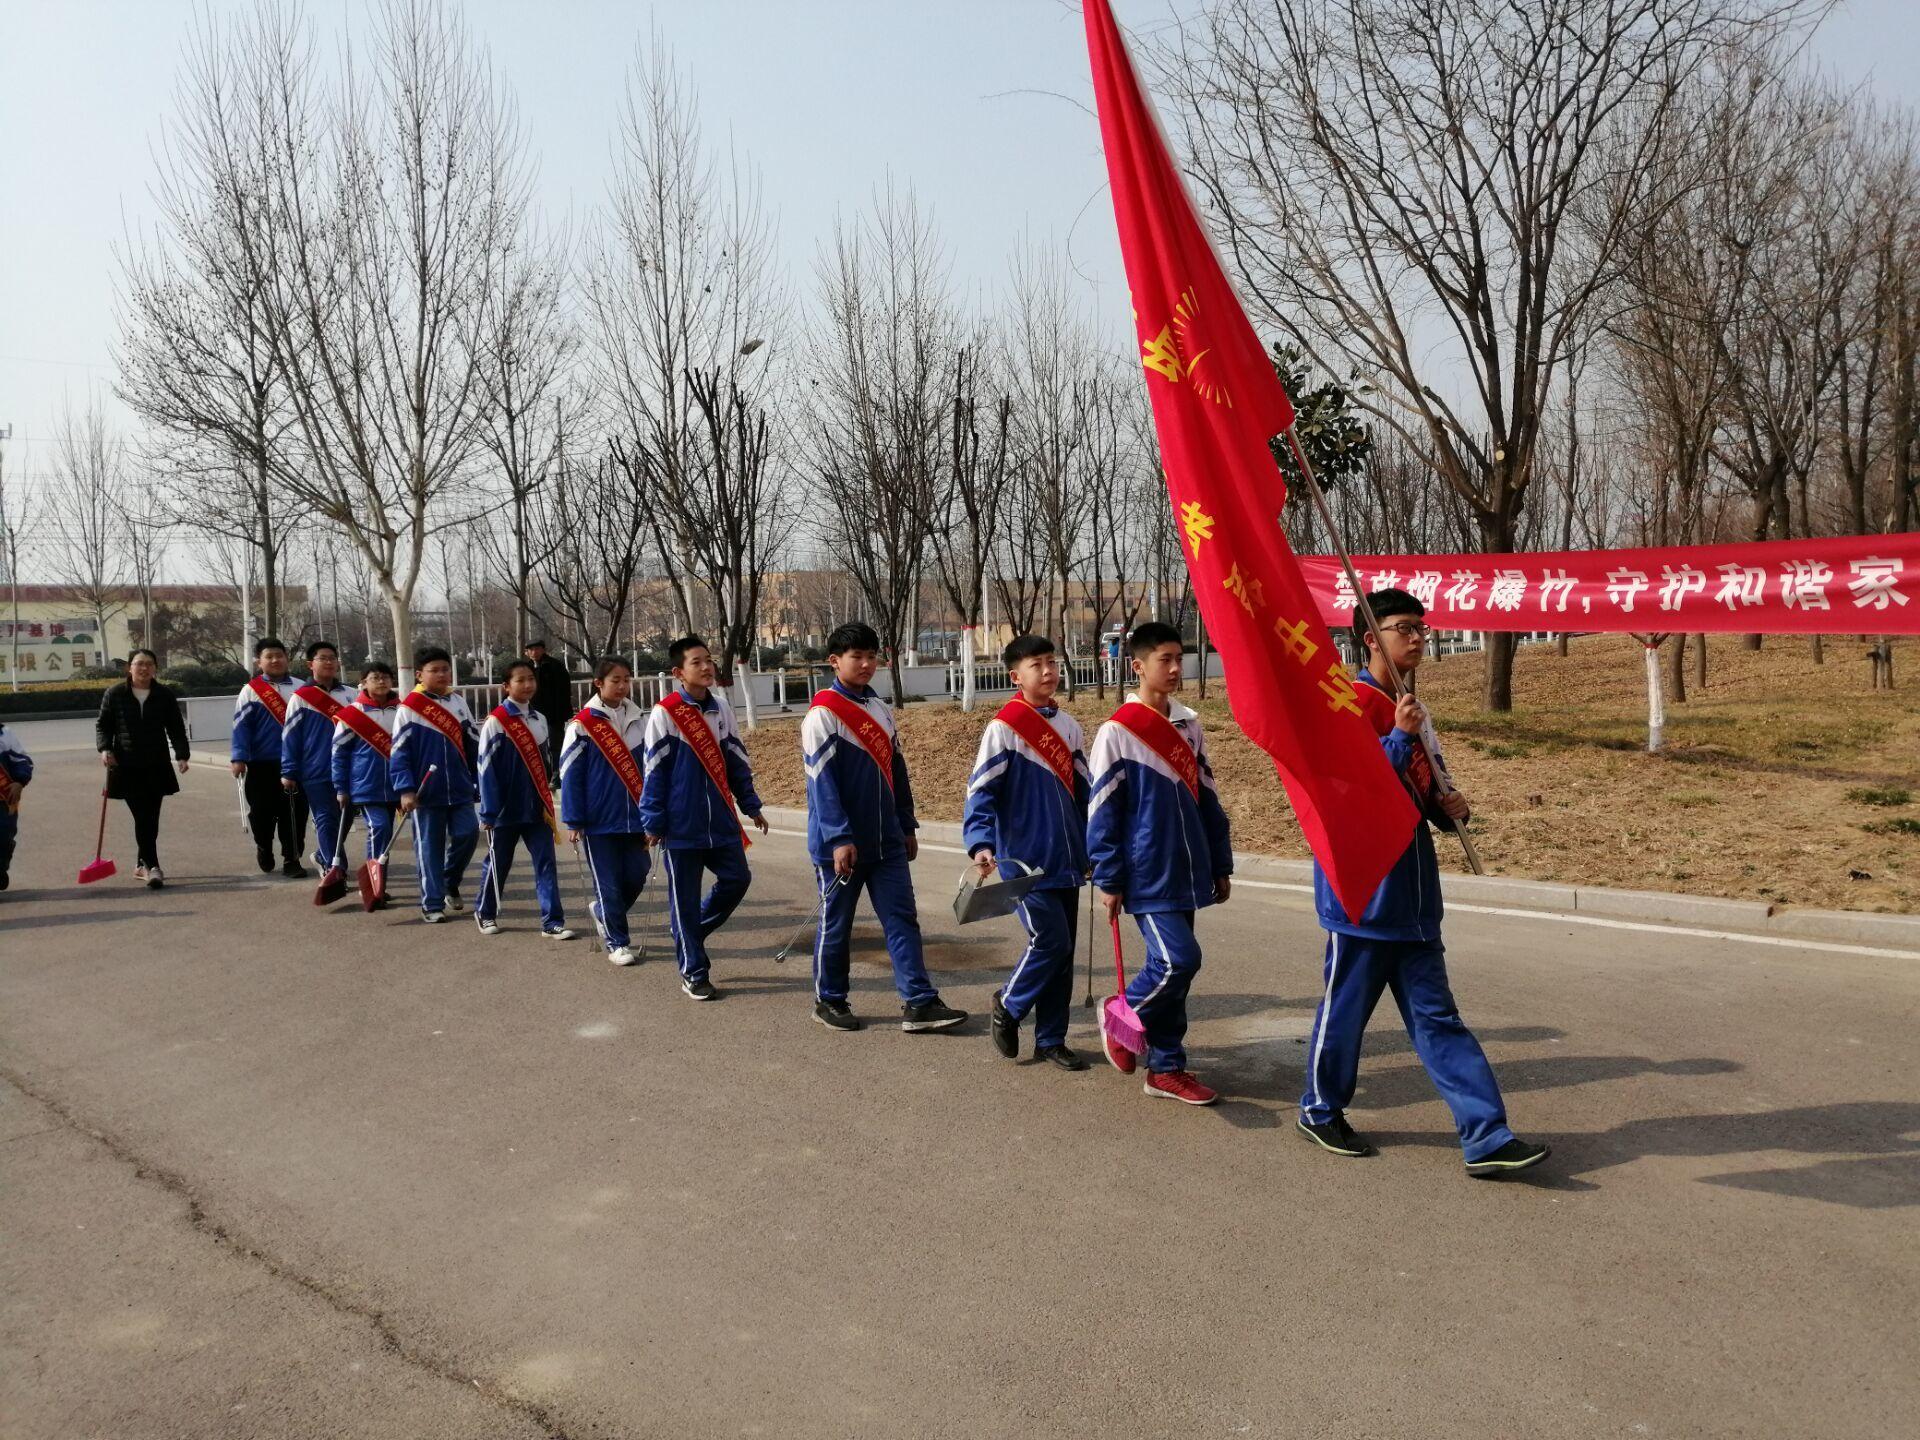 汶上县第二实验中学:传承雷锋精神,争做时代新人